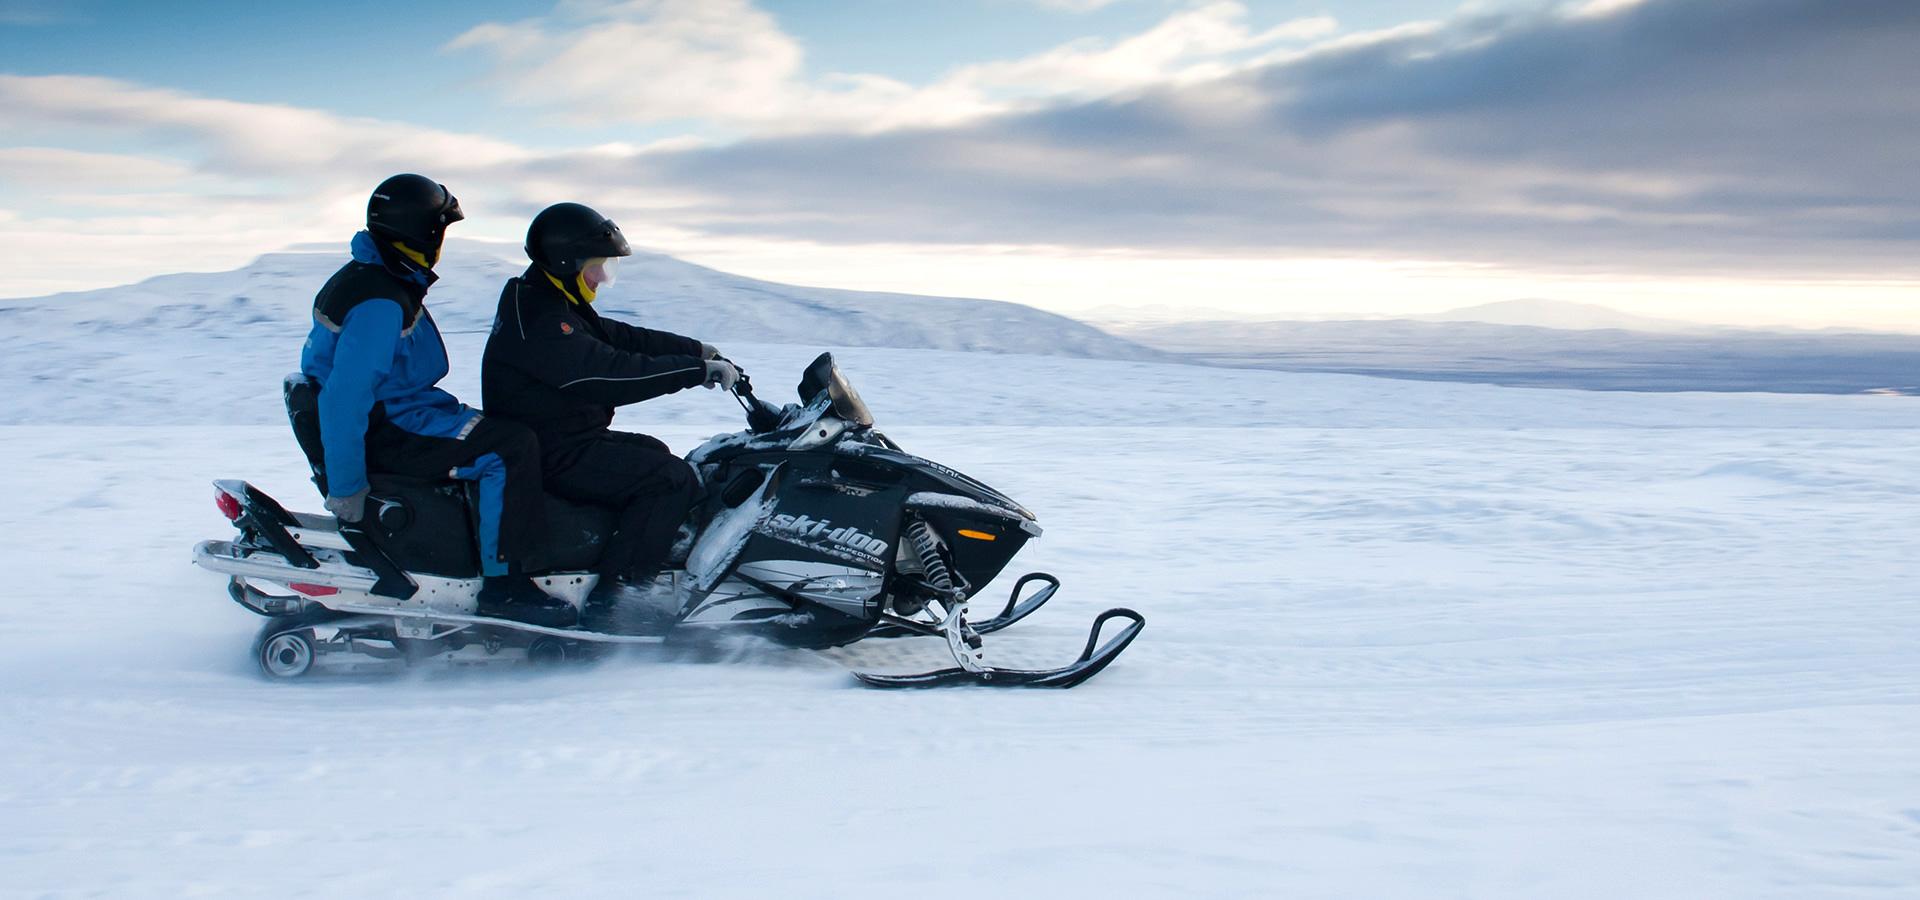 아이슬란드에서 스노모빌을 타고 스릴넘치는 시간을 보냅니다.